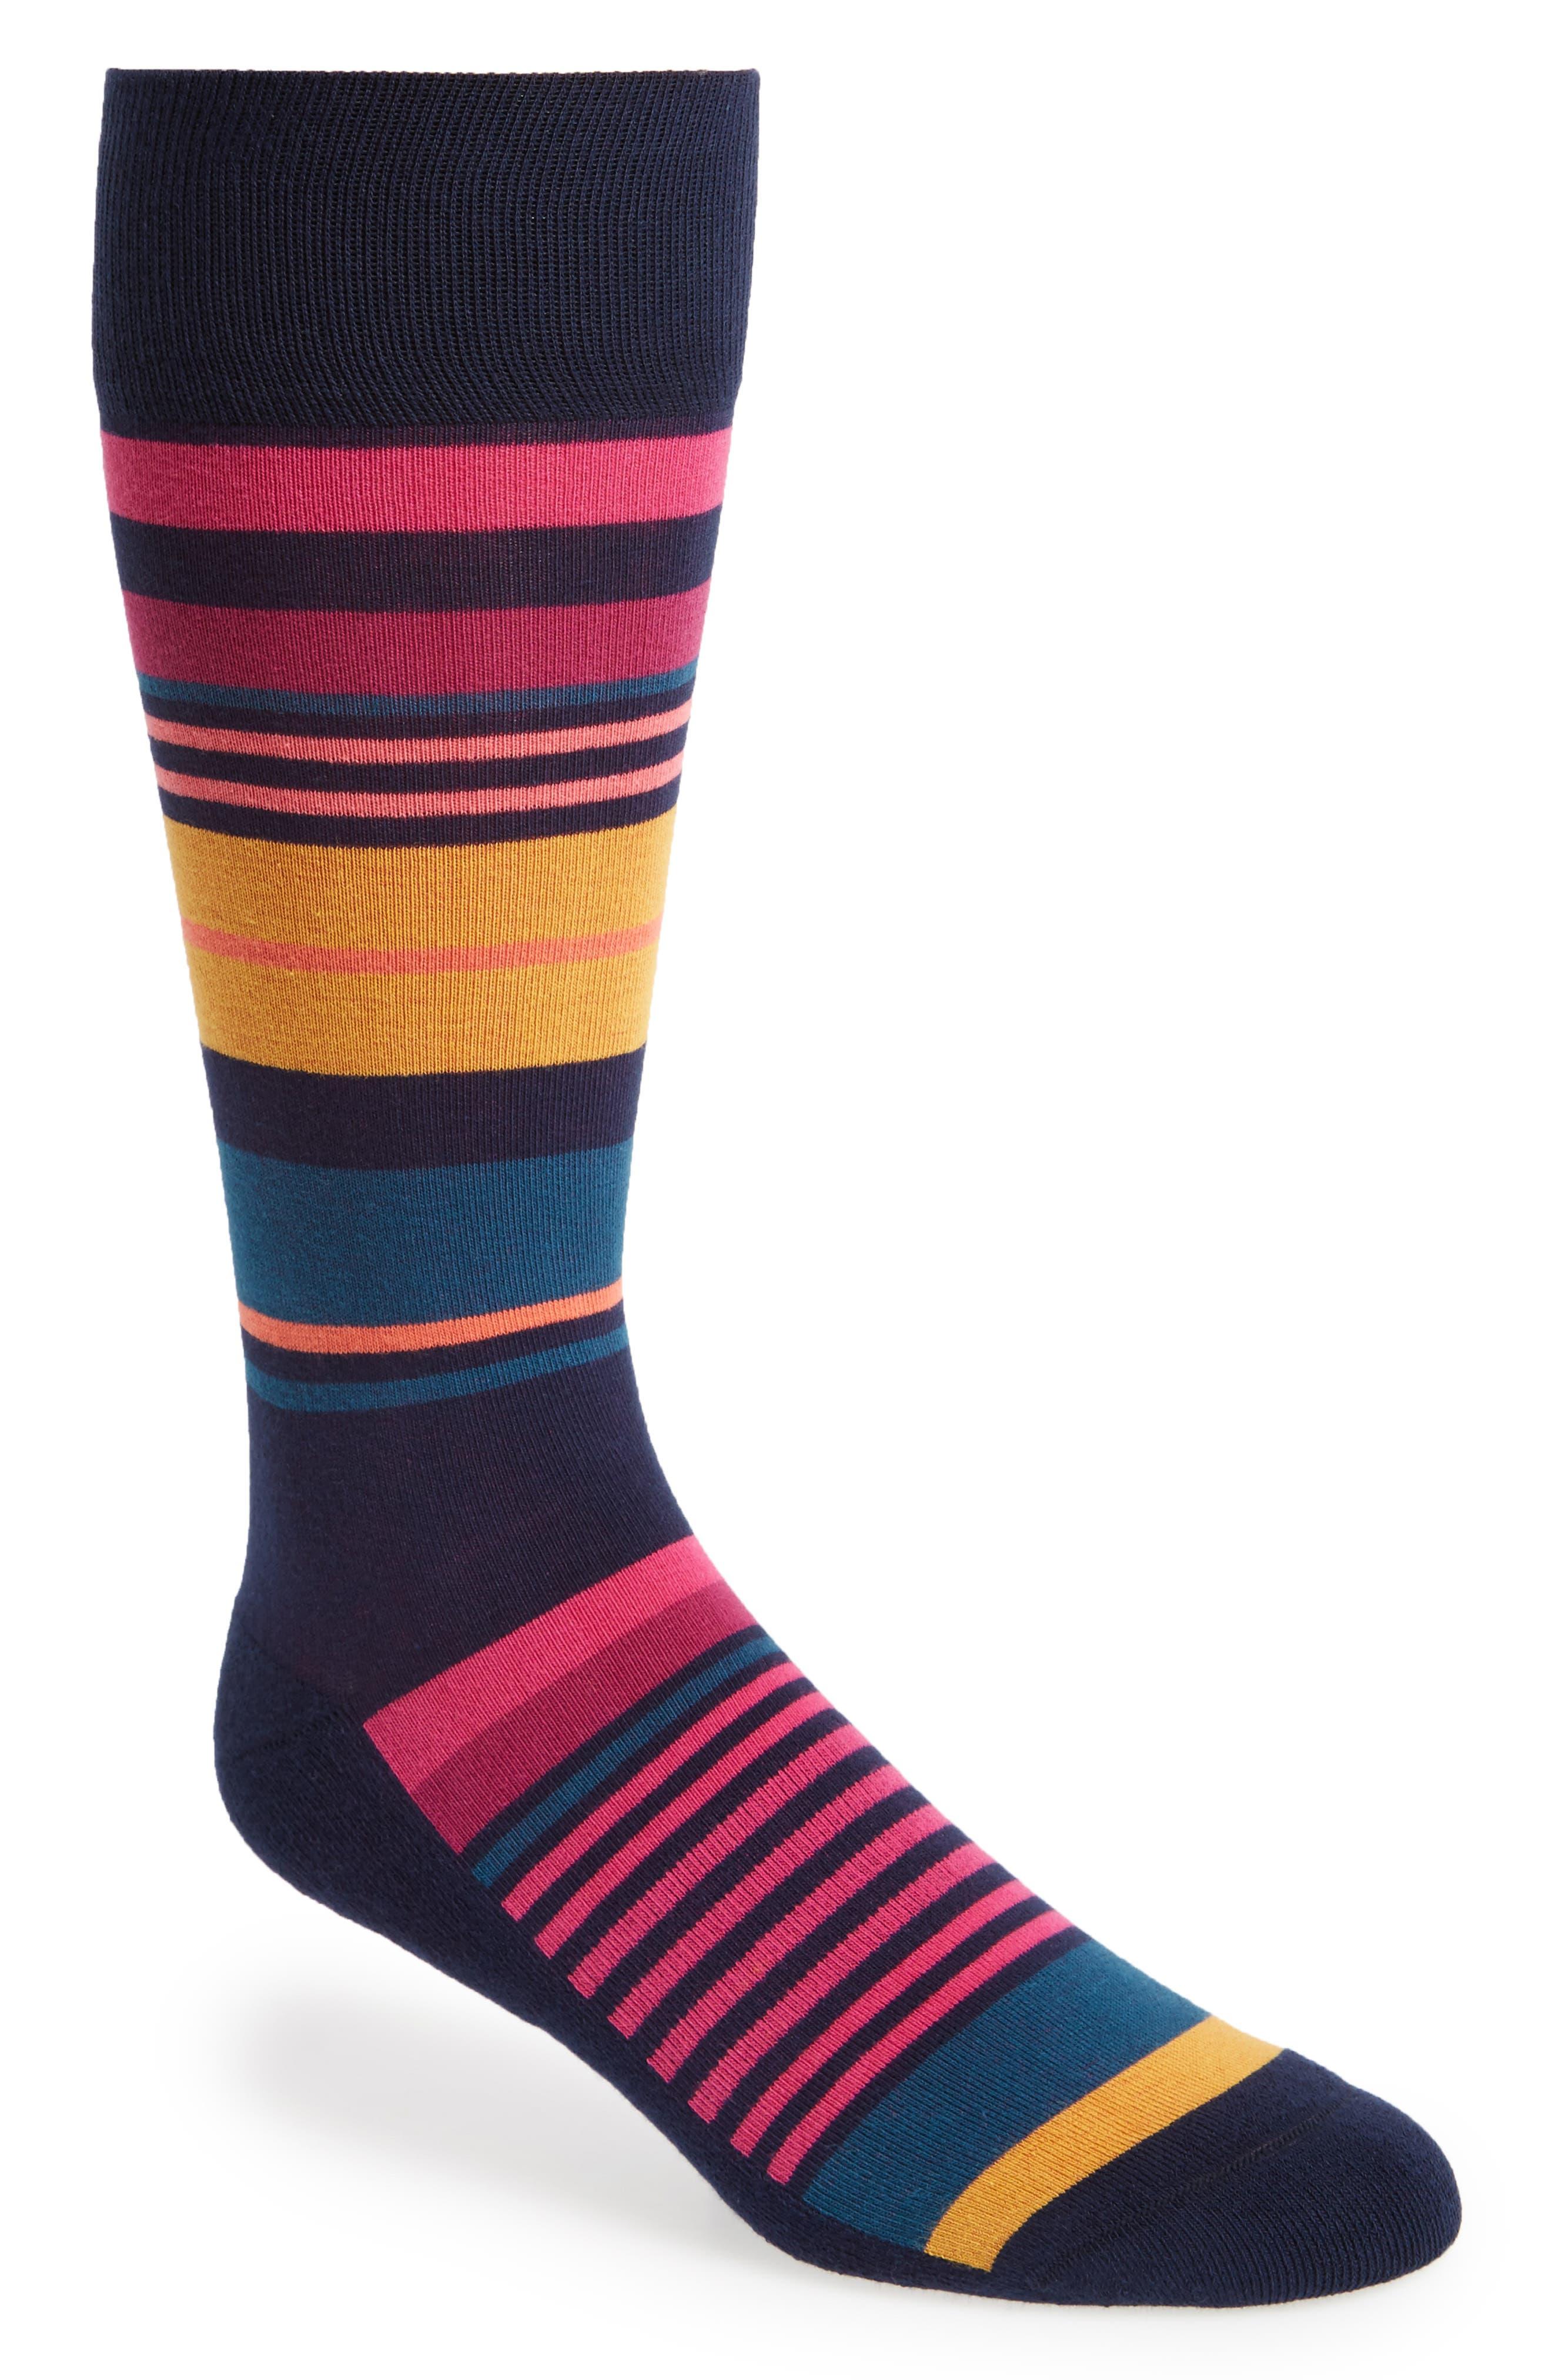 Nordstrom Men's Shop Multi Stripe Socks (3 for $30)